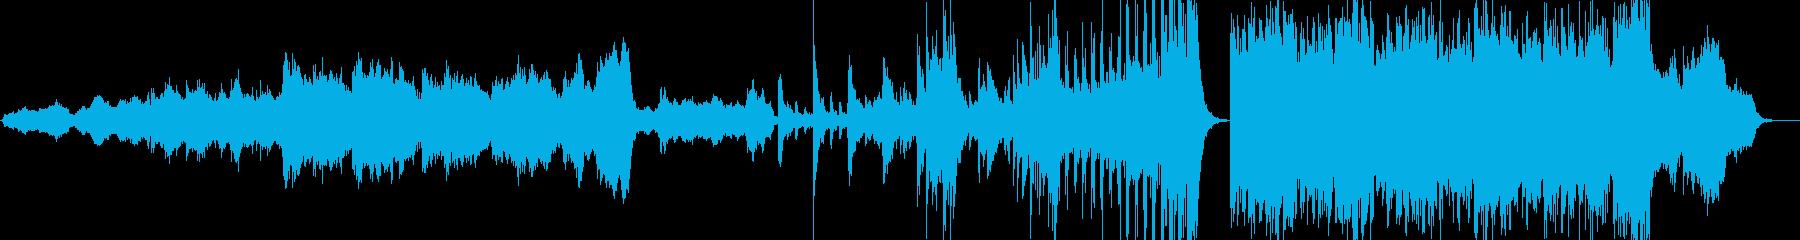 ホルンが奏でる壮大な映画音楽オーケストラの再生済みの波形